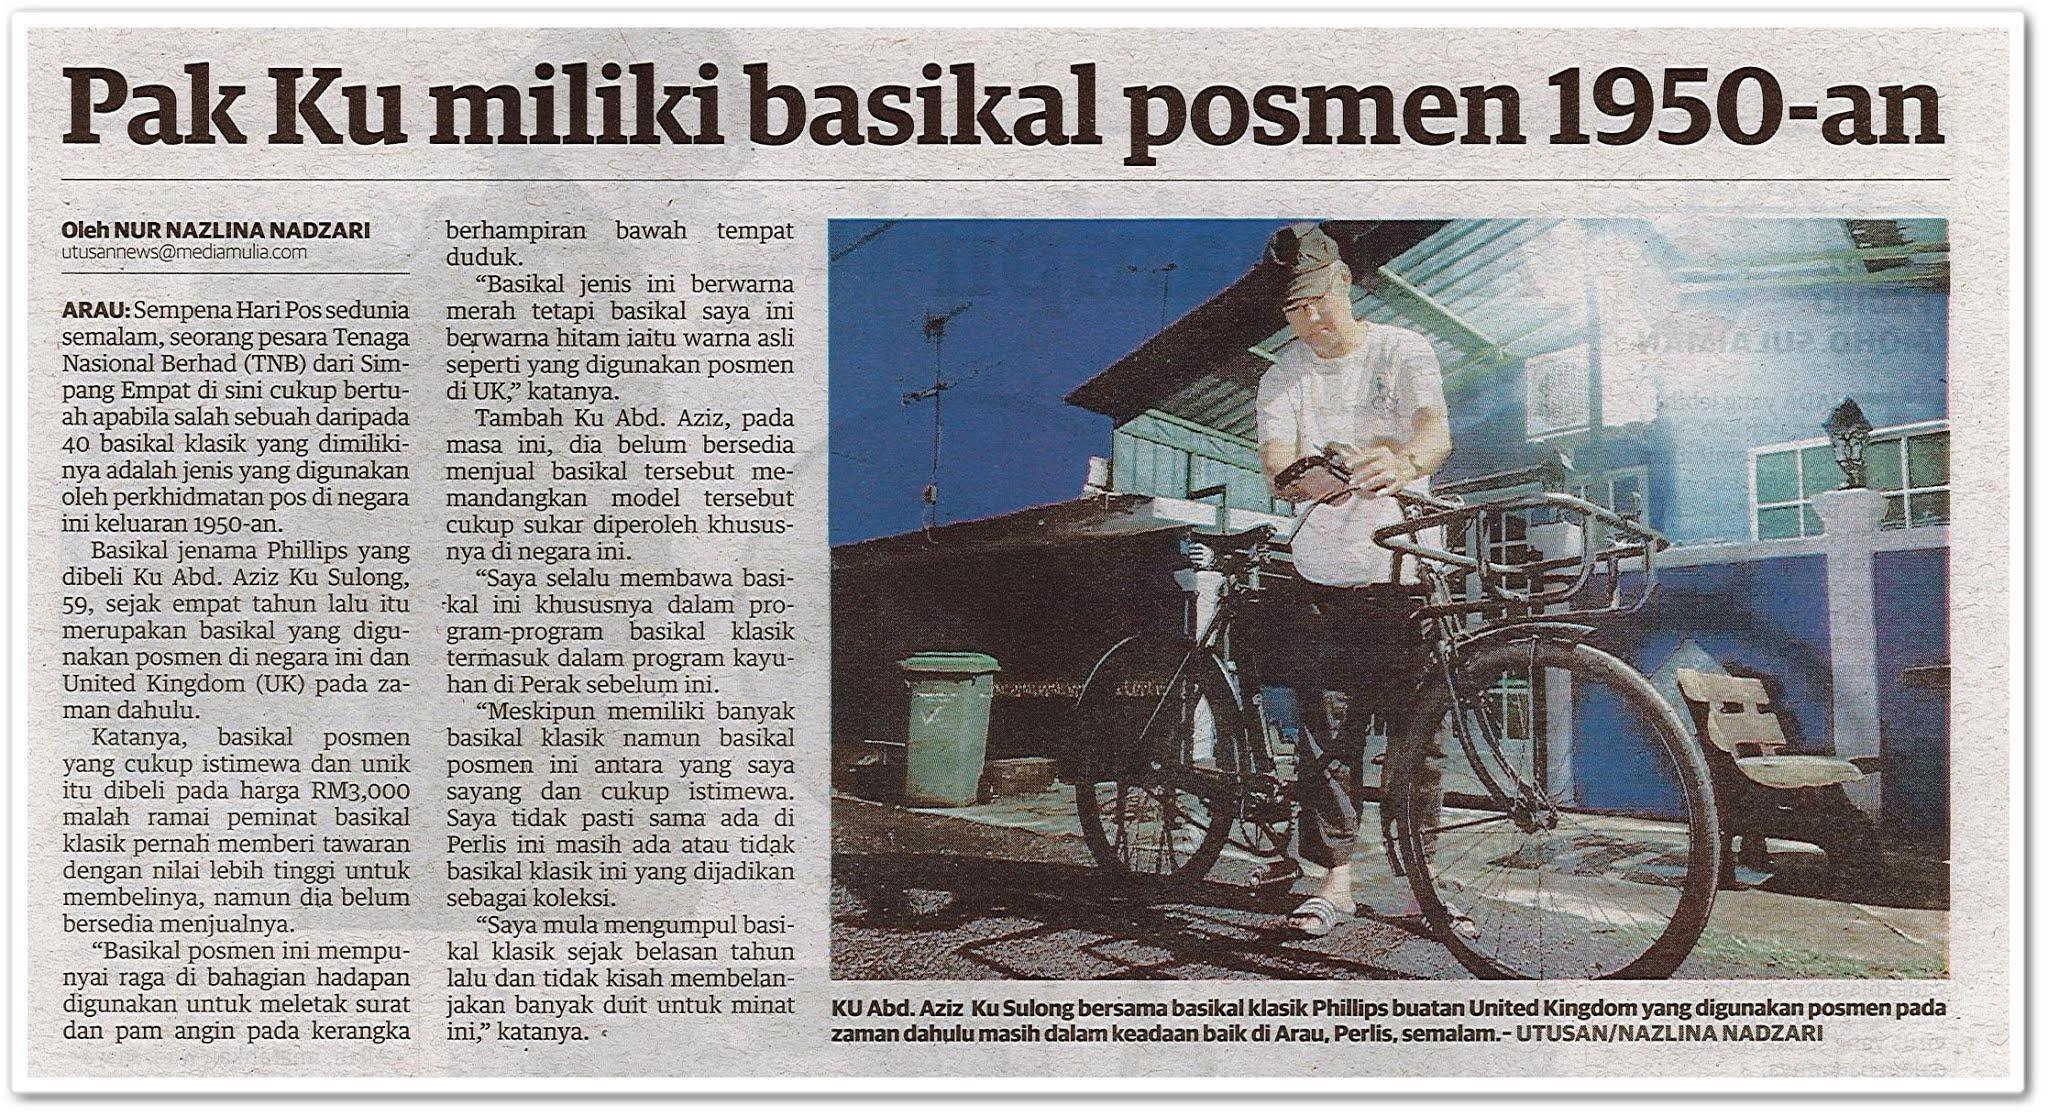 Pak Ku miliki basikal posmen 1950 an - Keratan akhbar Utusan Malaysia 10 Oktober 2020